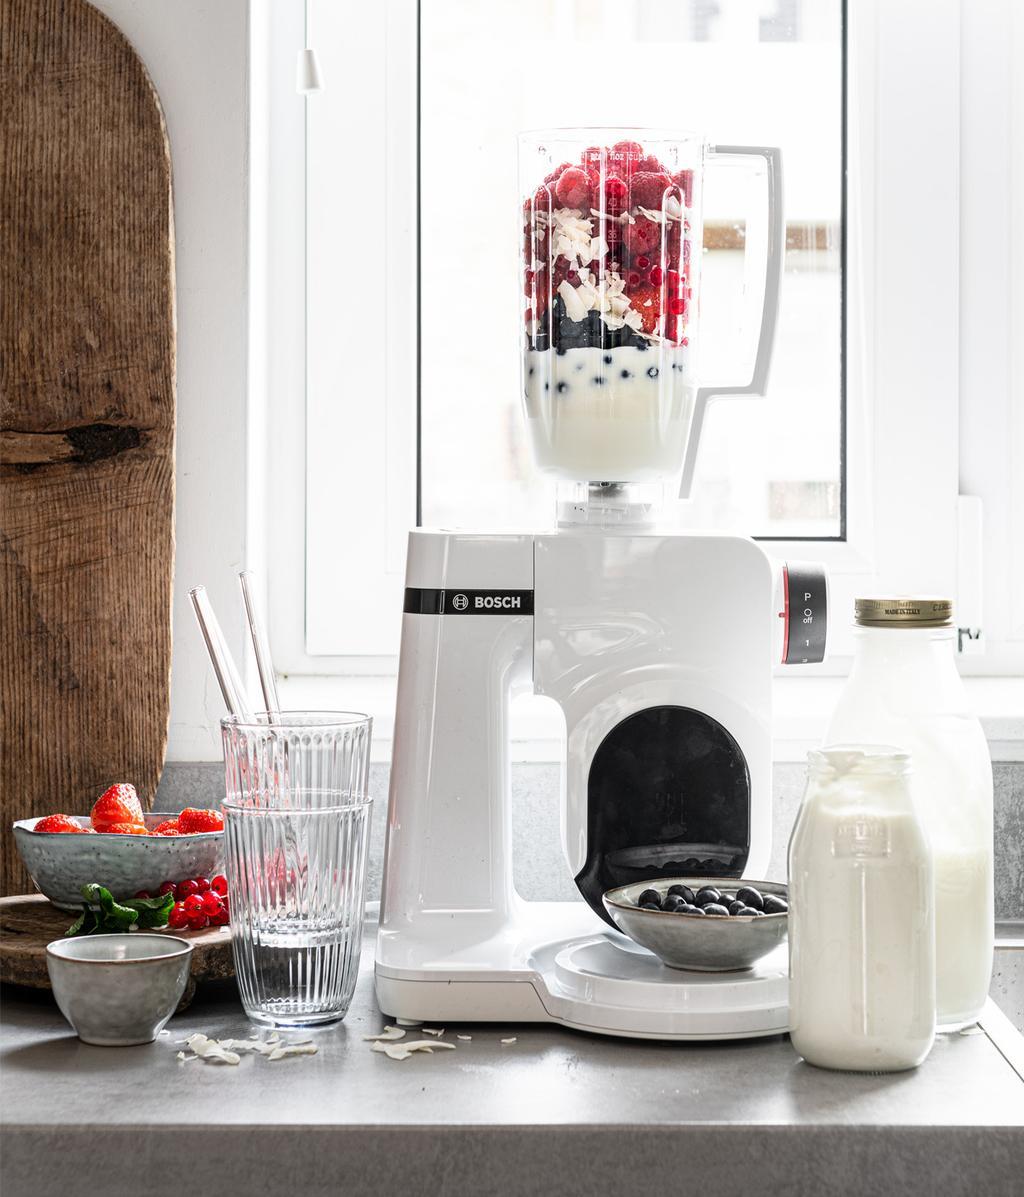 Keukenmachine | Bosch | vtwonen